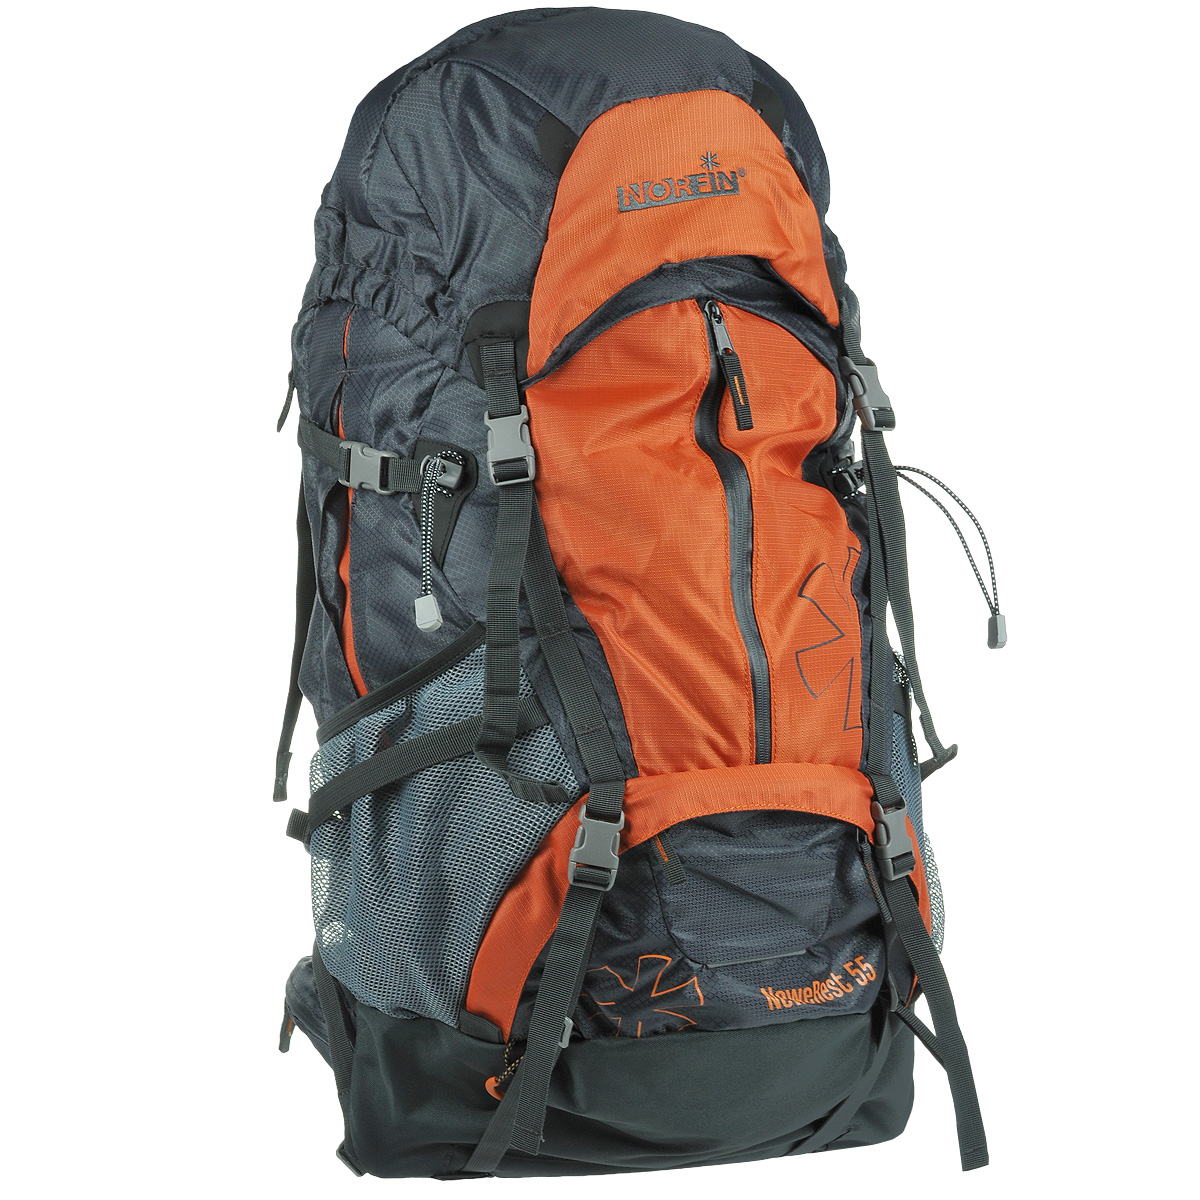 Рюкзак туристический Norfin NeweRest, цвет: серый, оранжевый, 55 лNS-40206Туристический функциональный 55-литровый рюкзак Norfin NeweRest отлично подойдет для походов и путешествий.Особенности рюкзака:Анатомический съемный пояс с карманами. Отлично сидит на бедрах, хорошо перераспределяет нагрузку Регулируемая подвесная система W-1 с вентиляцией спиныПлечевые лямки с перфорированным наполнителем EVA для смягченияГрудная стяжкаАлюминиевые латыВыход под питьевую системуОсновное отделение с разделителем на молнии позволит удобно распределить содержимое рюкзакаВерхний и нижний входы в основное отделениеБольшие боковые карманы на молнии, боковые сетчатые карманыБольшой фронтальный карман с водонепроницаемой молниейПлавающий верхний клапан с внешним и внутренним карманами Чехол-дождевик в кармане на днеВозможность крепления горного снаряжения.Что взять с собой в поход?. Статья OZON Гид